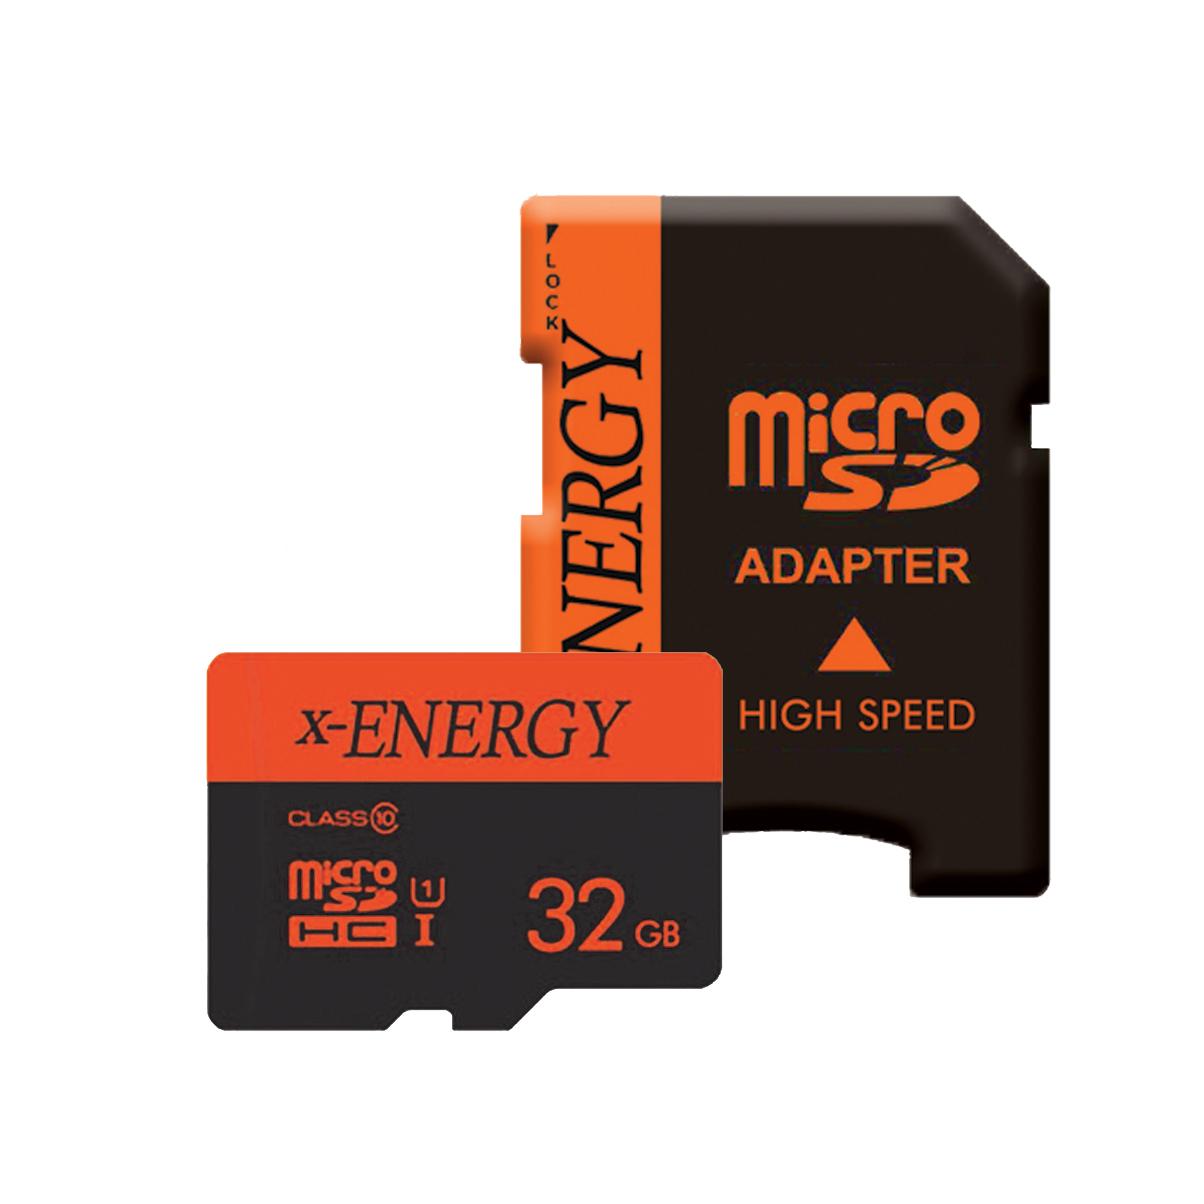 کارت حافظه microSDHC ایکس-انرژی مدل IPM کلاس 10 استاندارد U1 سرعت 80MBps ظرفیت 32 گیگابایت همراه با آداپتور SD